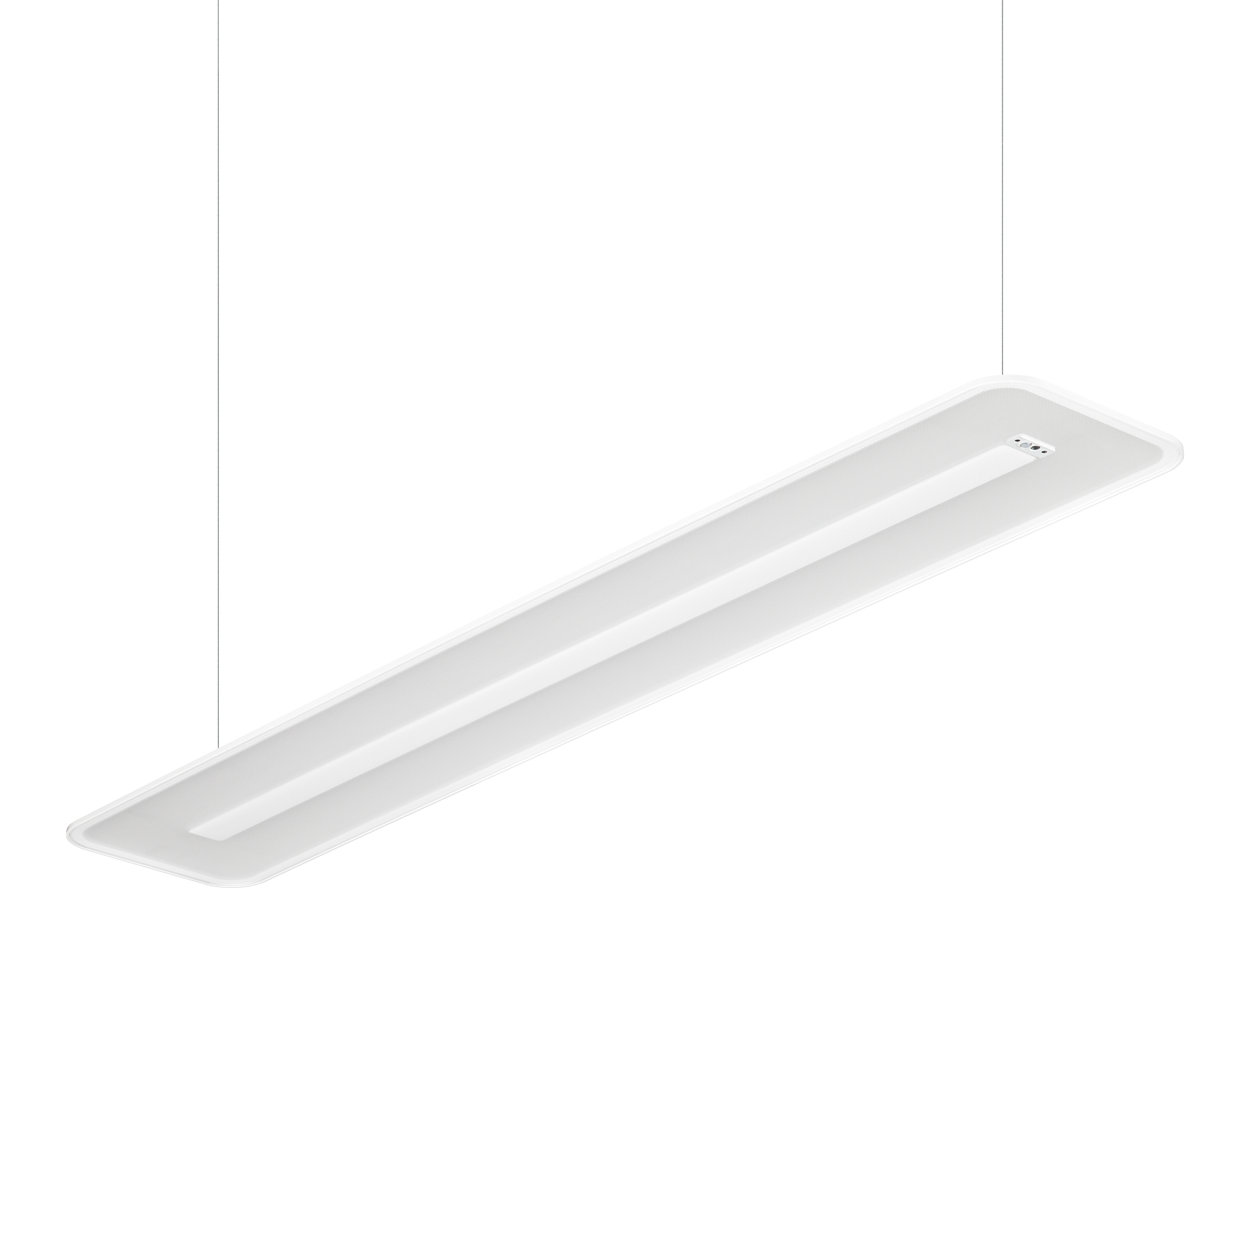 Bezprzewodowe sterowanie oświetleniem, aby stworzyć bardzo przyjemne miejsce pracy